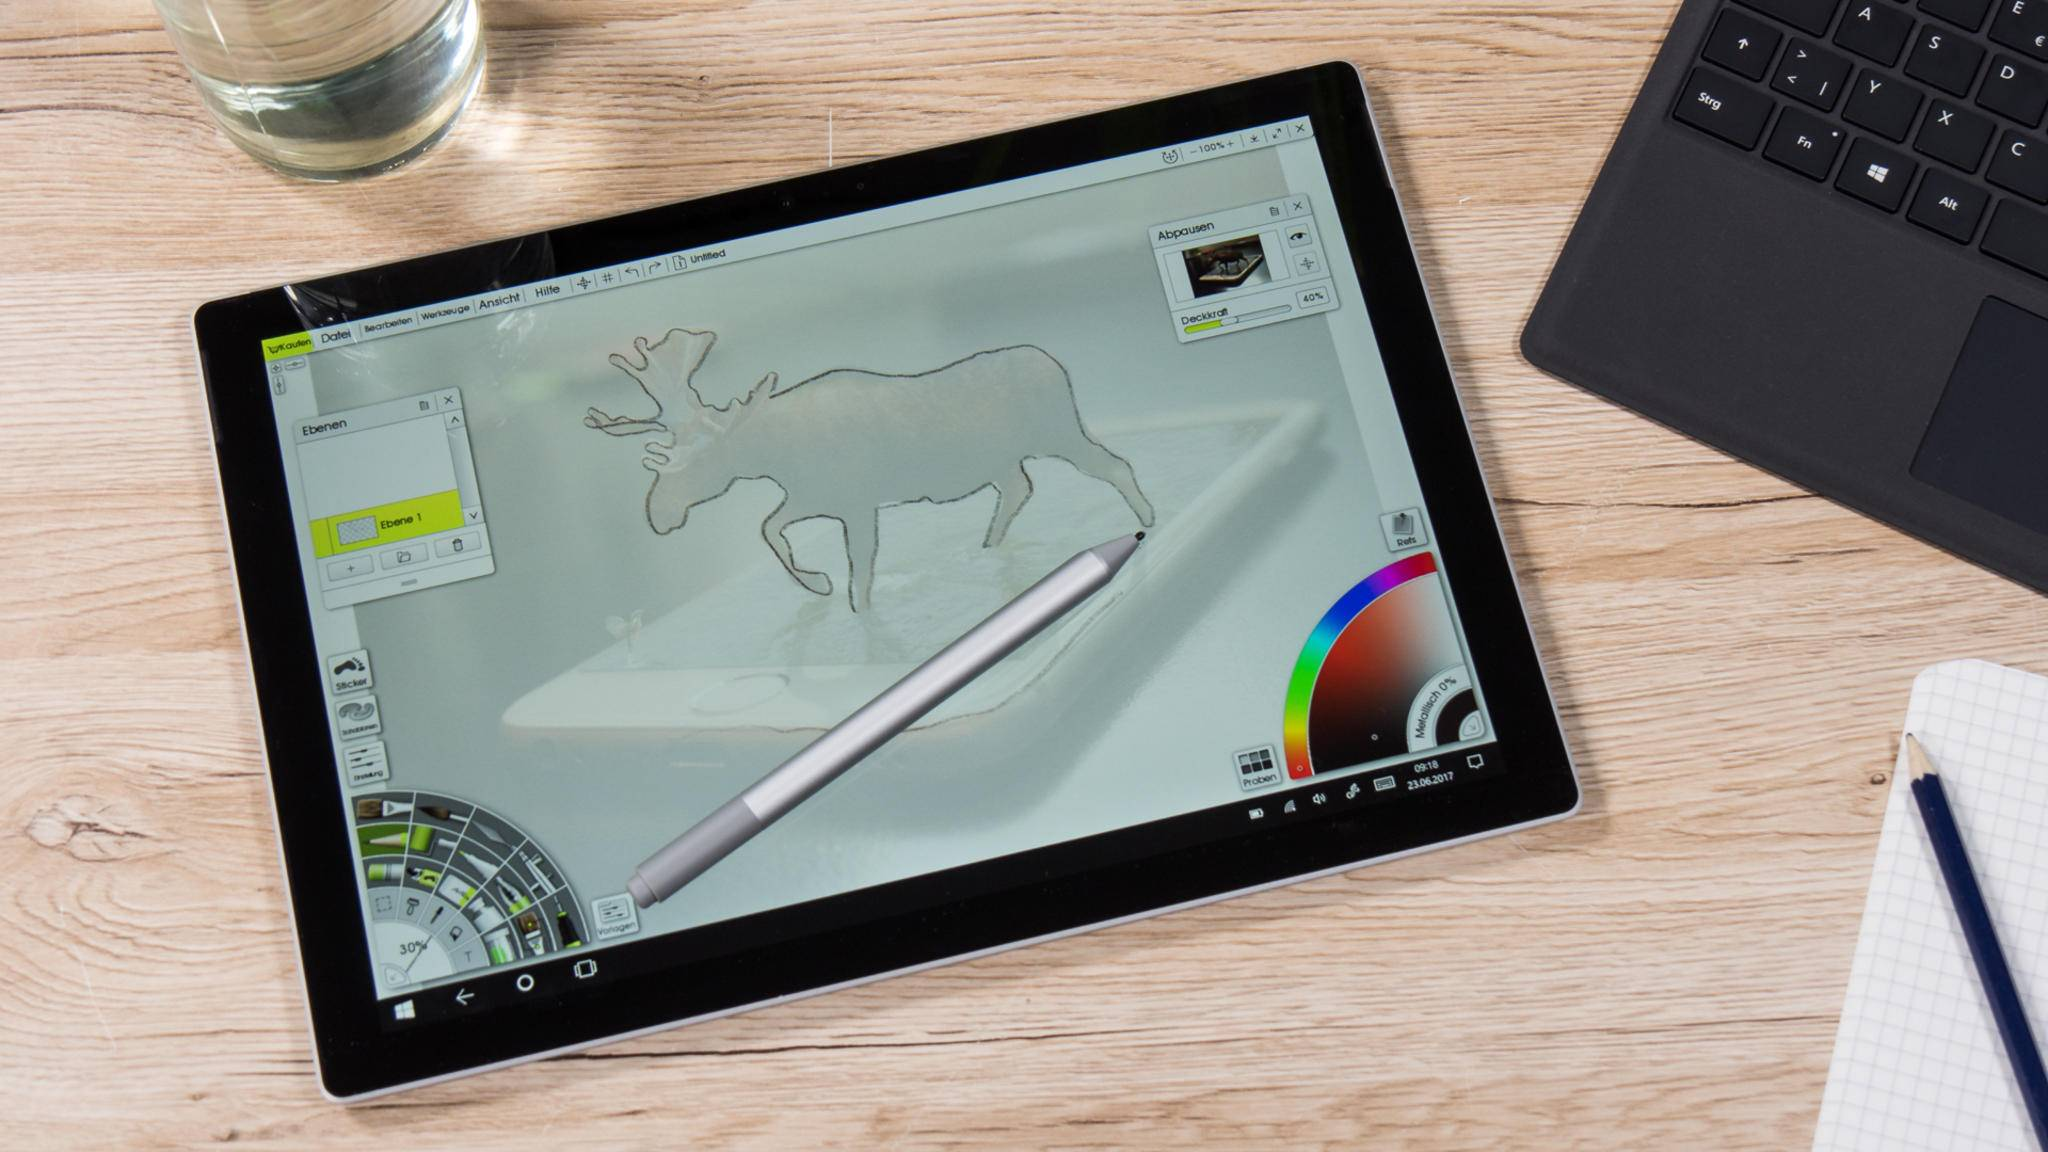 Das Surface Pro (2017) ist das neueste Stift-Tablet von Microsoft.